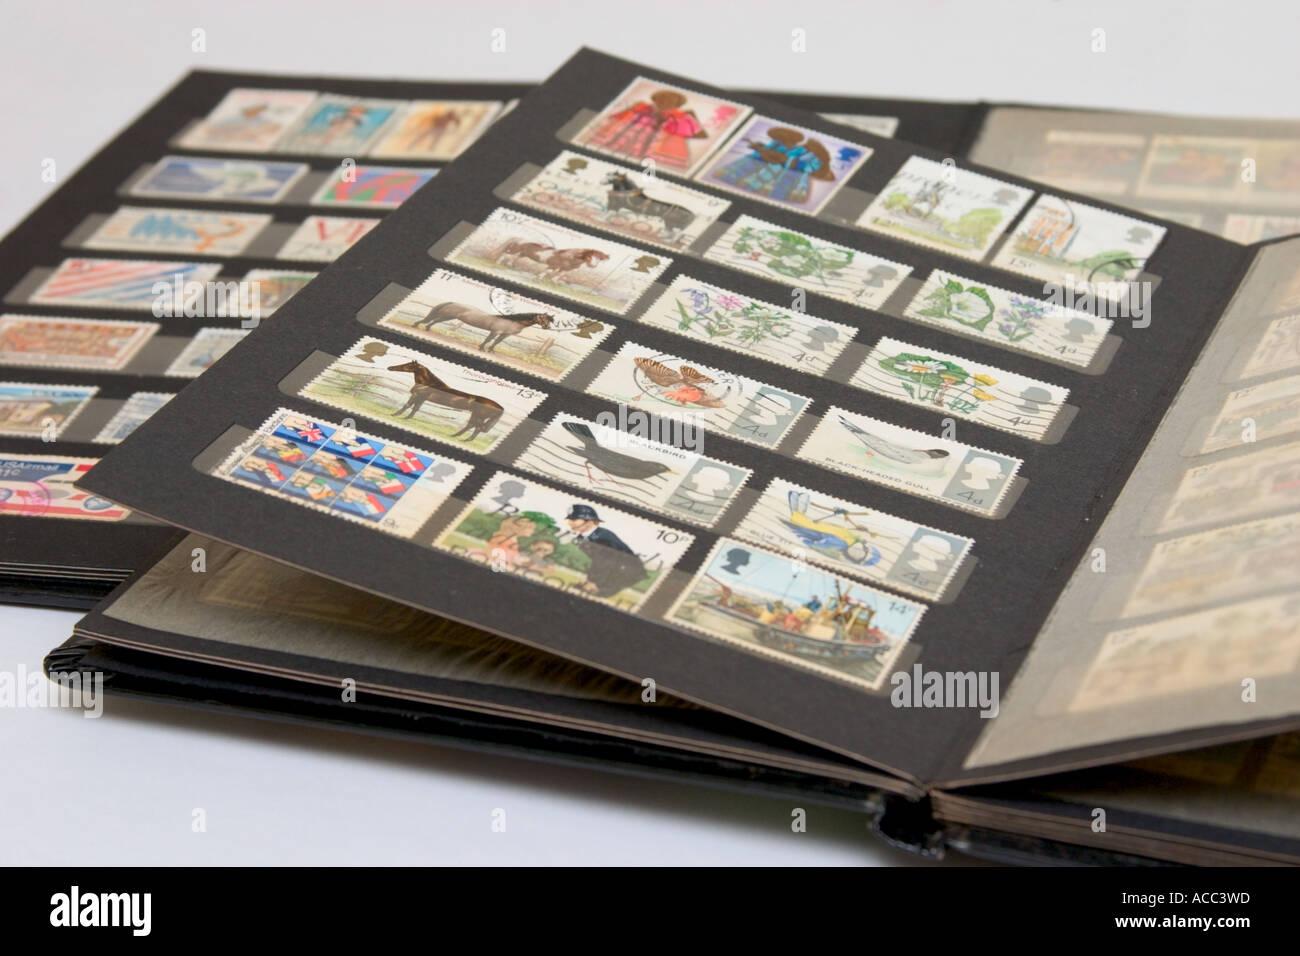 Stamp Album Stock Photos & Stamp Album Stock Images - Alamy